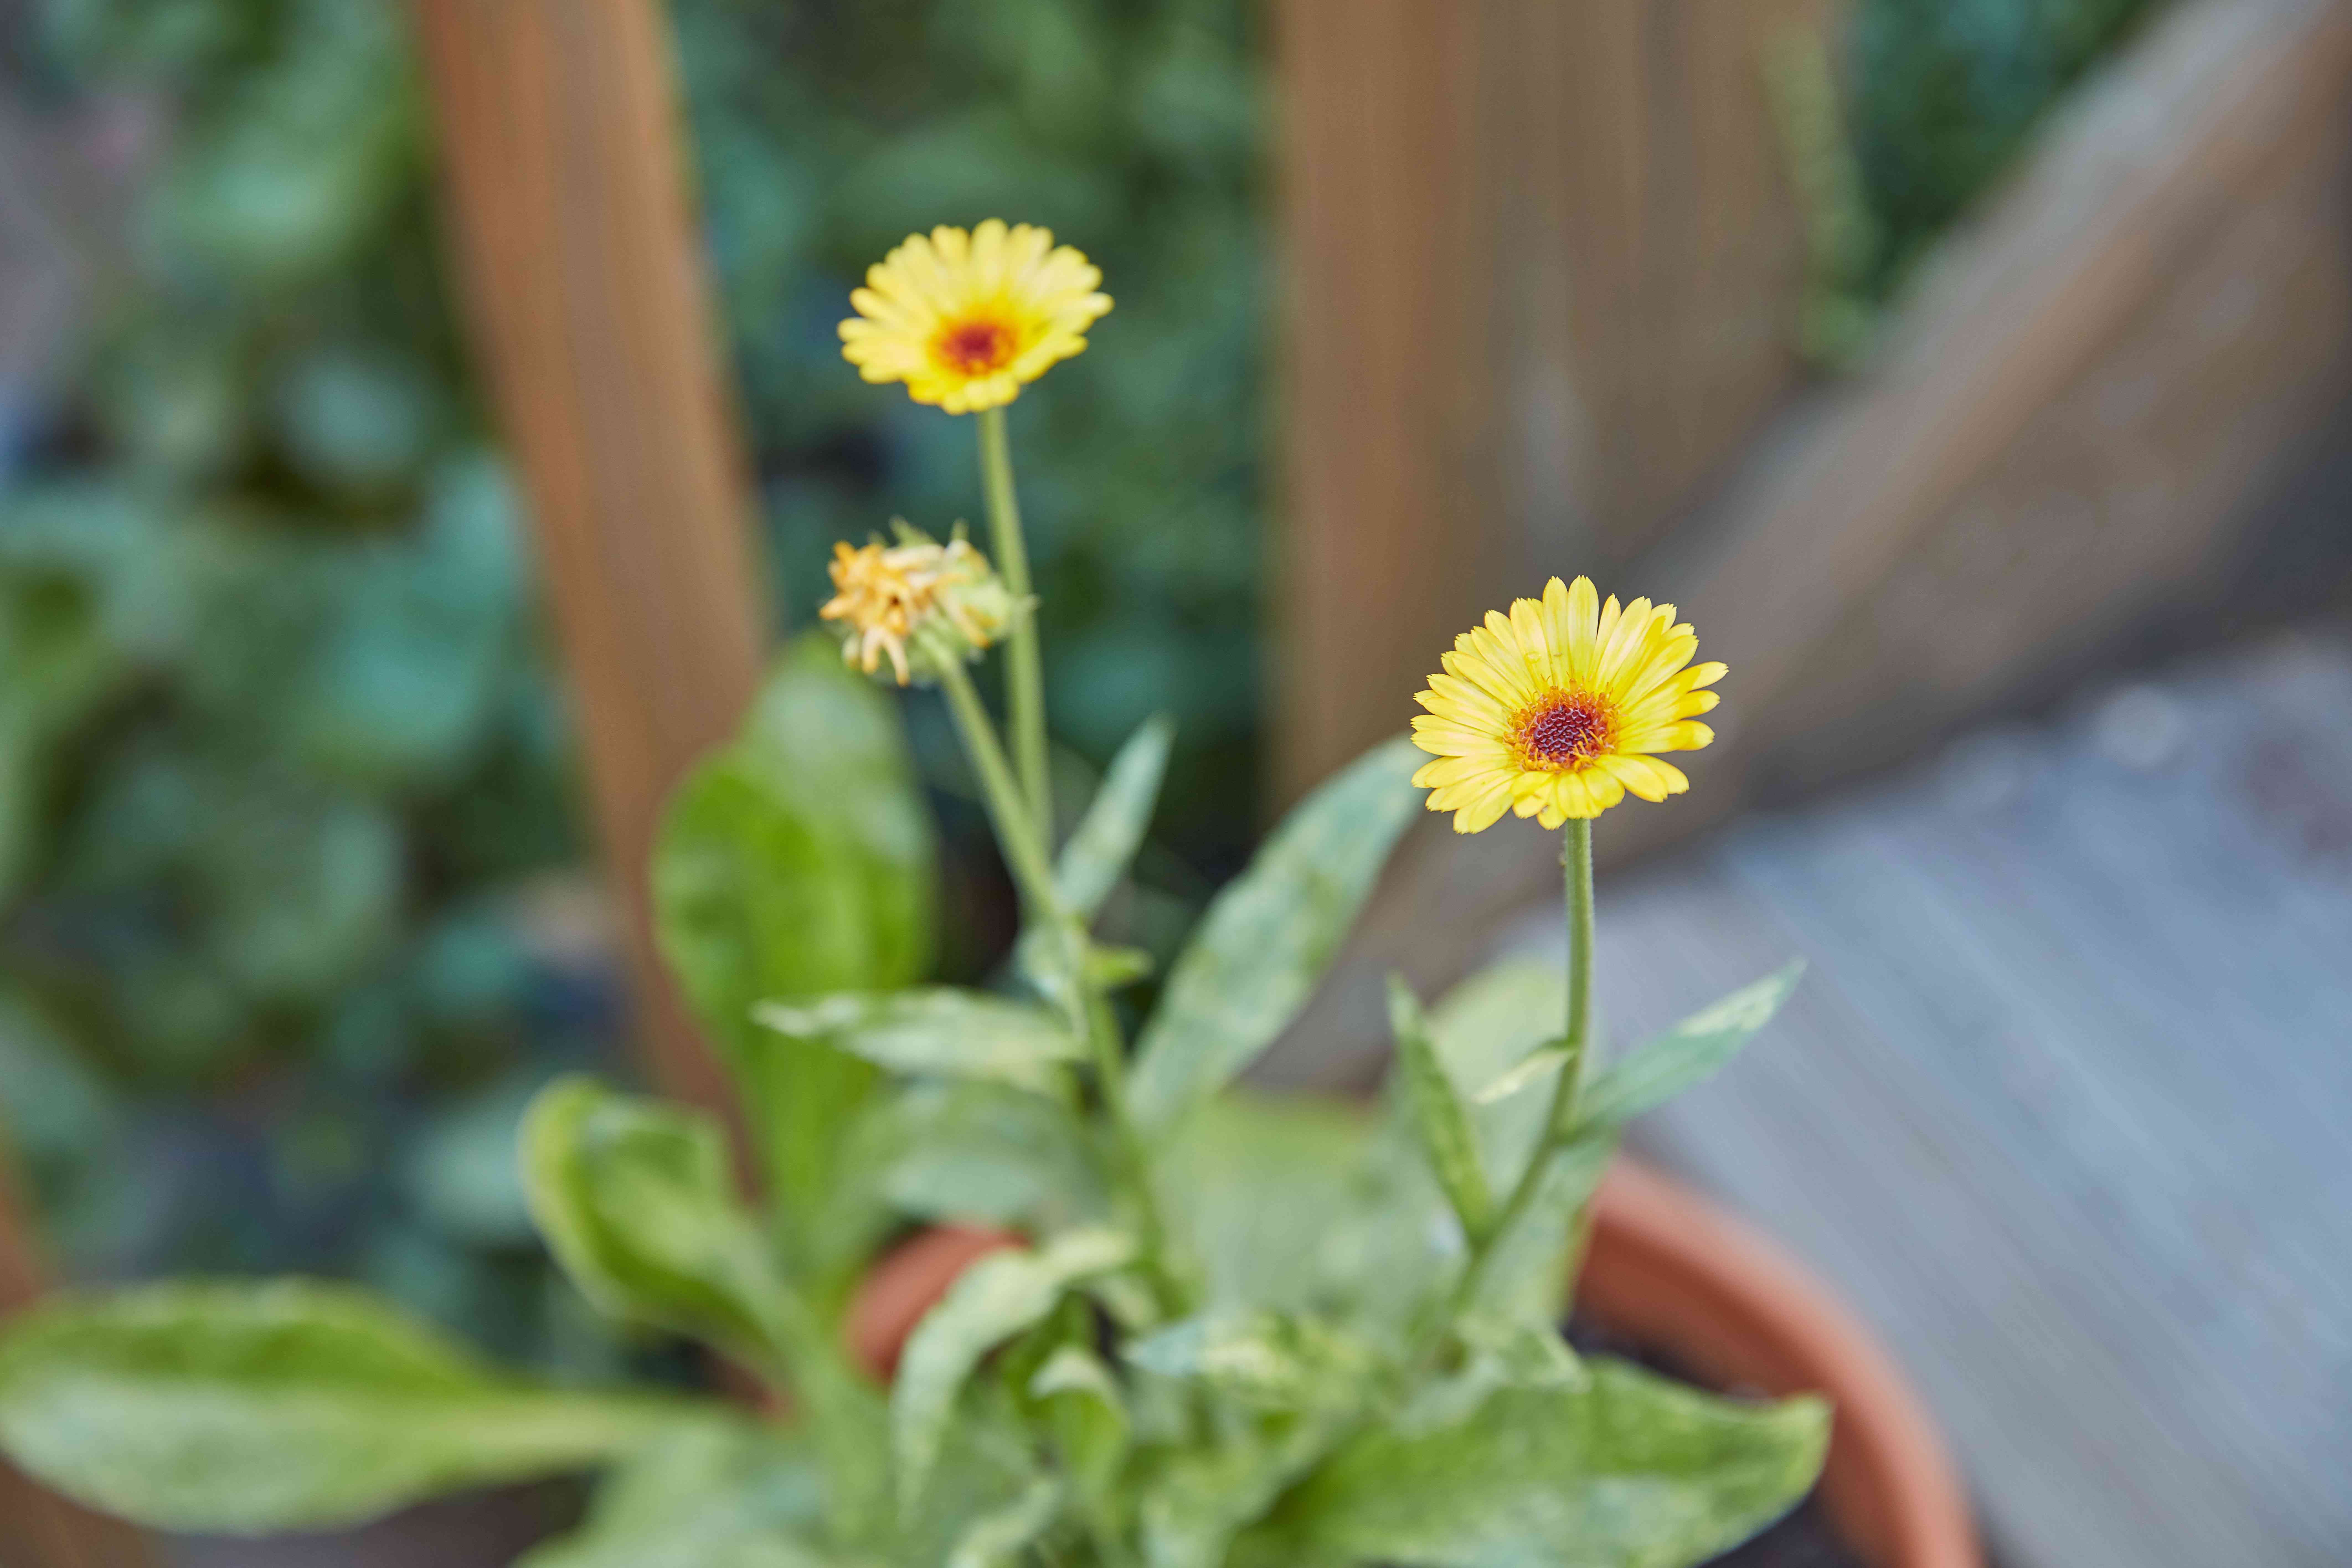 daisy-like calendula flowers